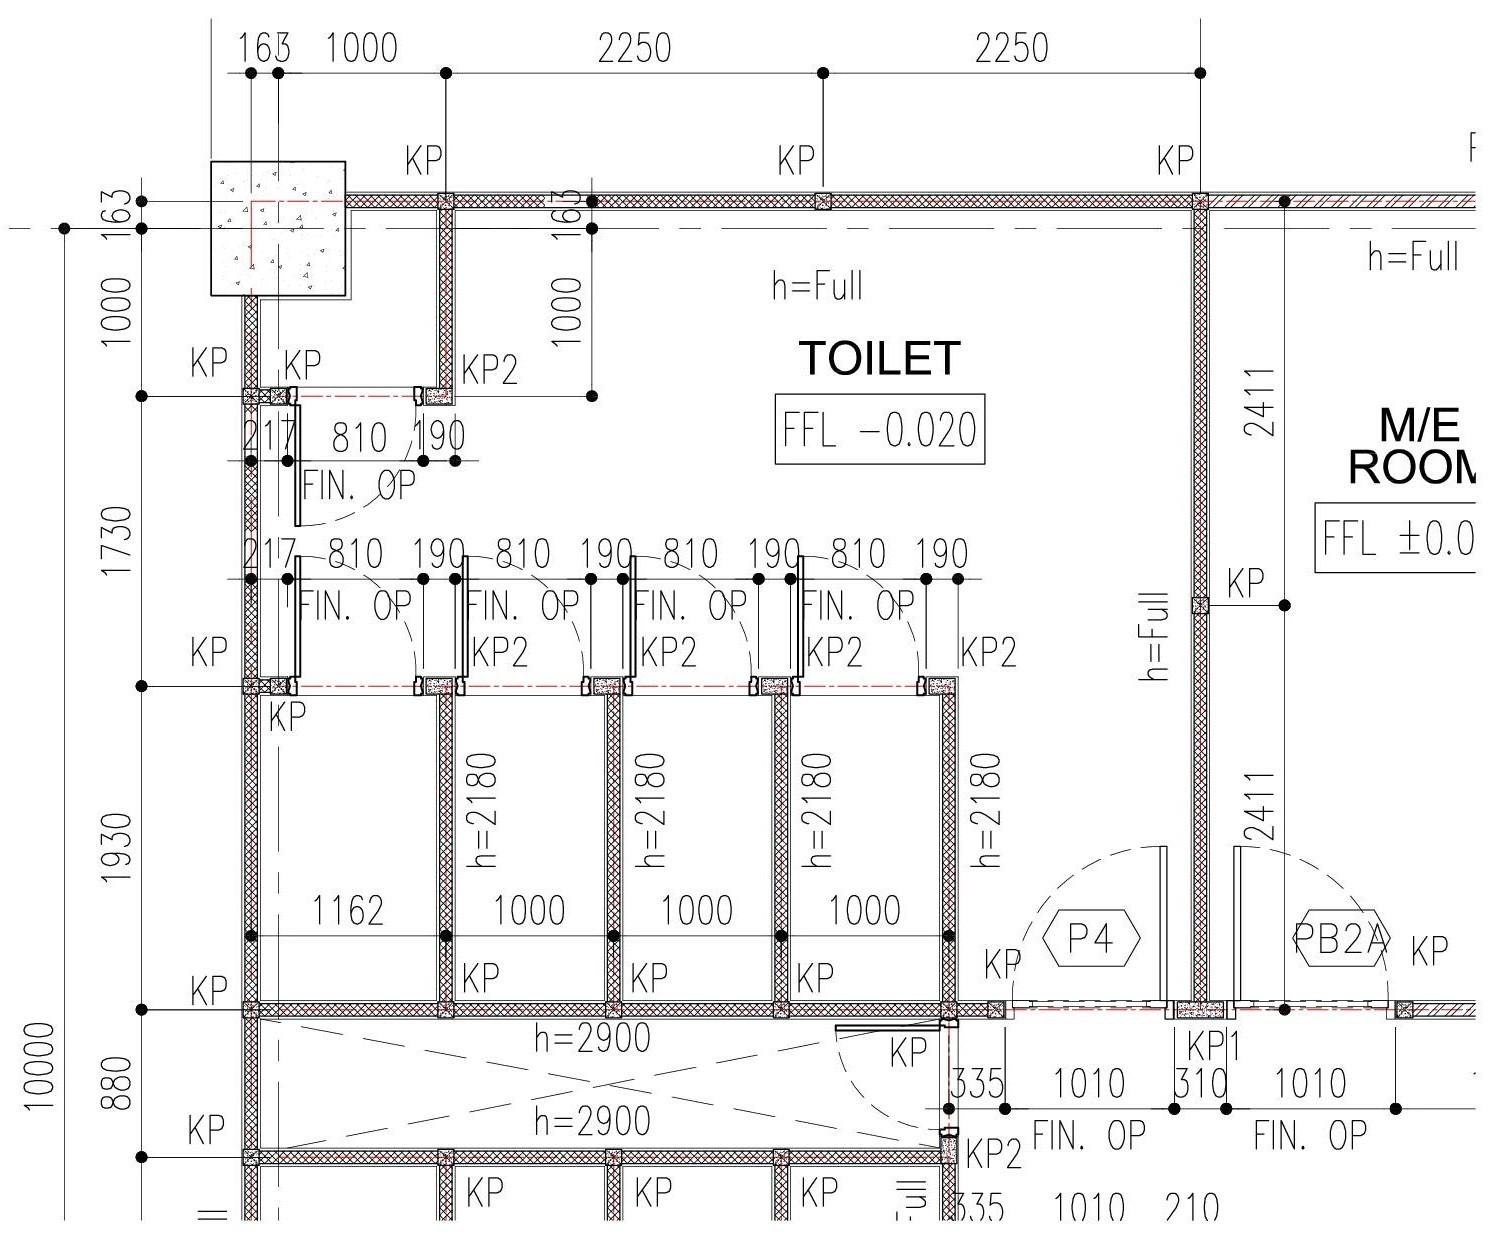 Contoh Gambar Pembangunan Sarjanaku Contoh Gambar Shop Drawing Pasangan Bata Toilet